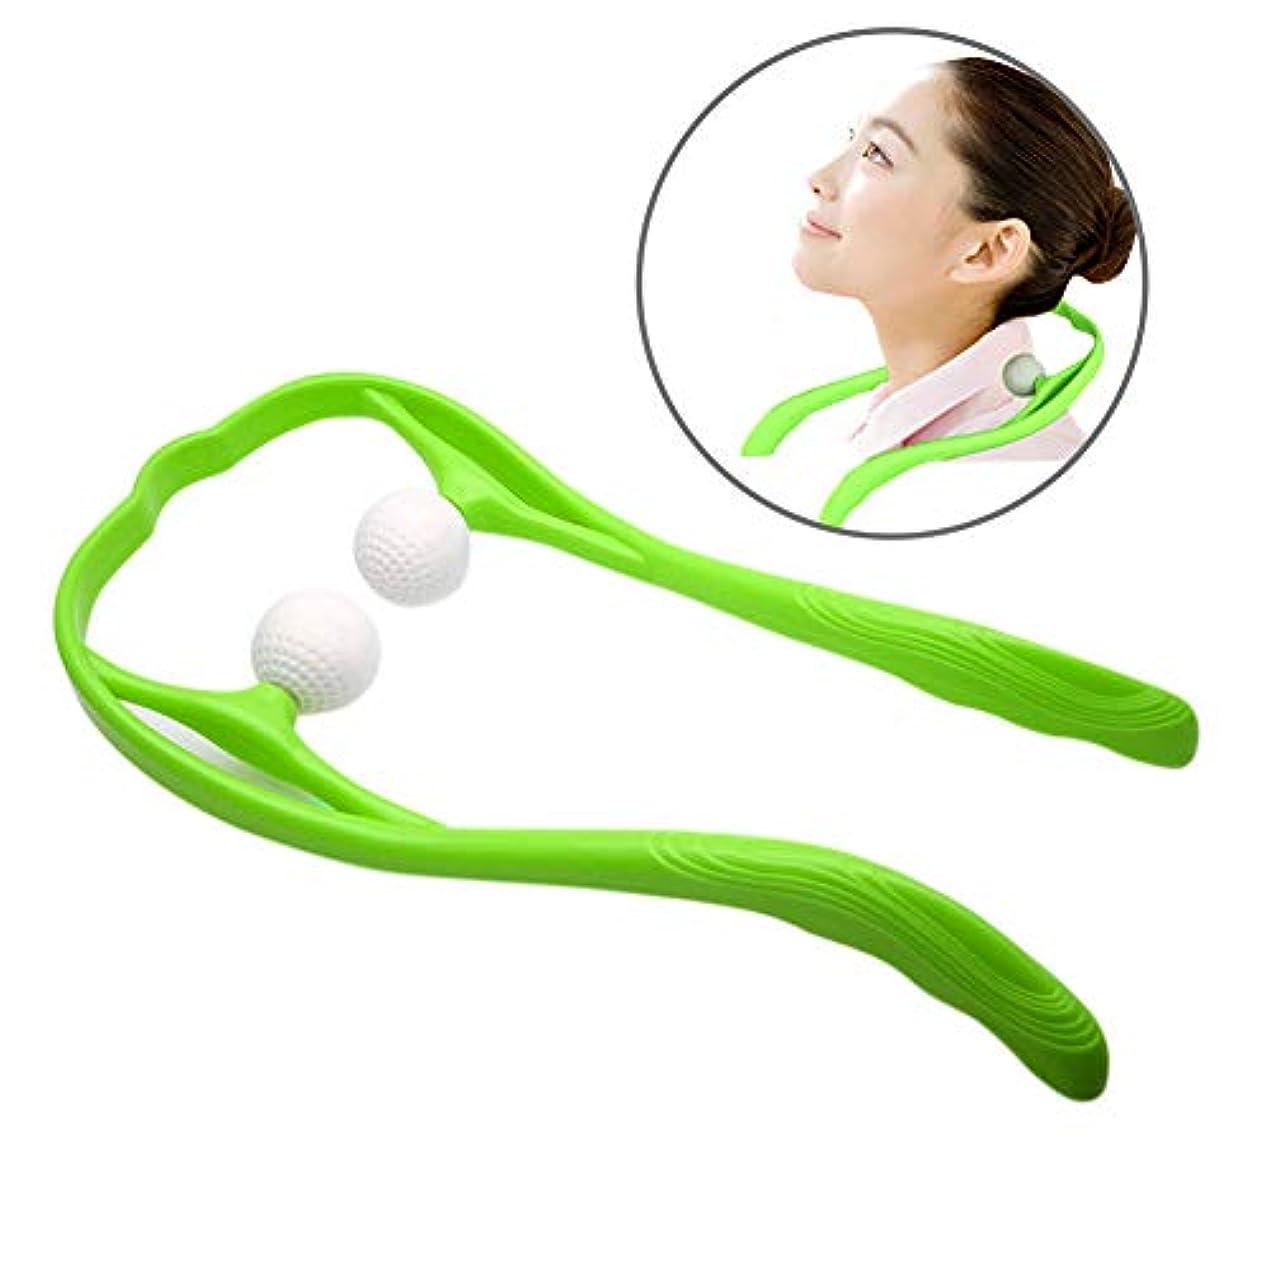 光のプリーツ呼ぶネックマッサージャー 改良版 簡易マッサージローラー 手動式 首マッサージ 肩 首 腰 足 凝り用 リンパマッサージ つぼ押し ローラー 血行促進 ボールの取り外し可能 (グリーン)